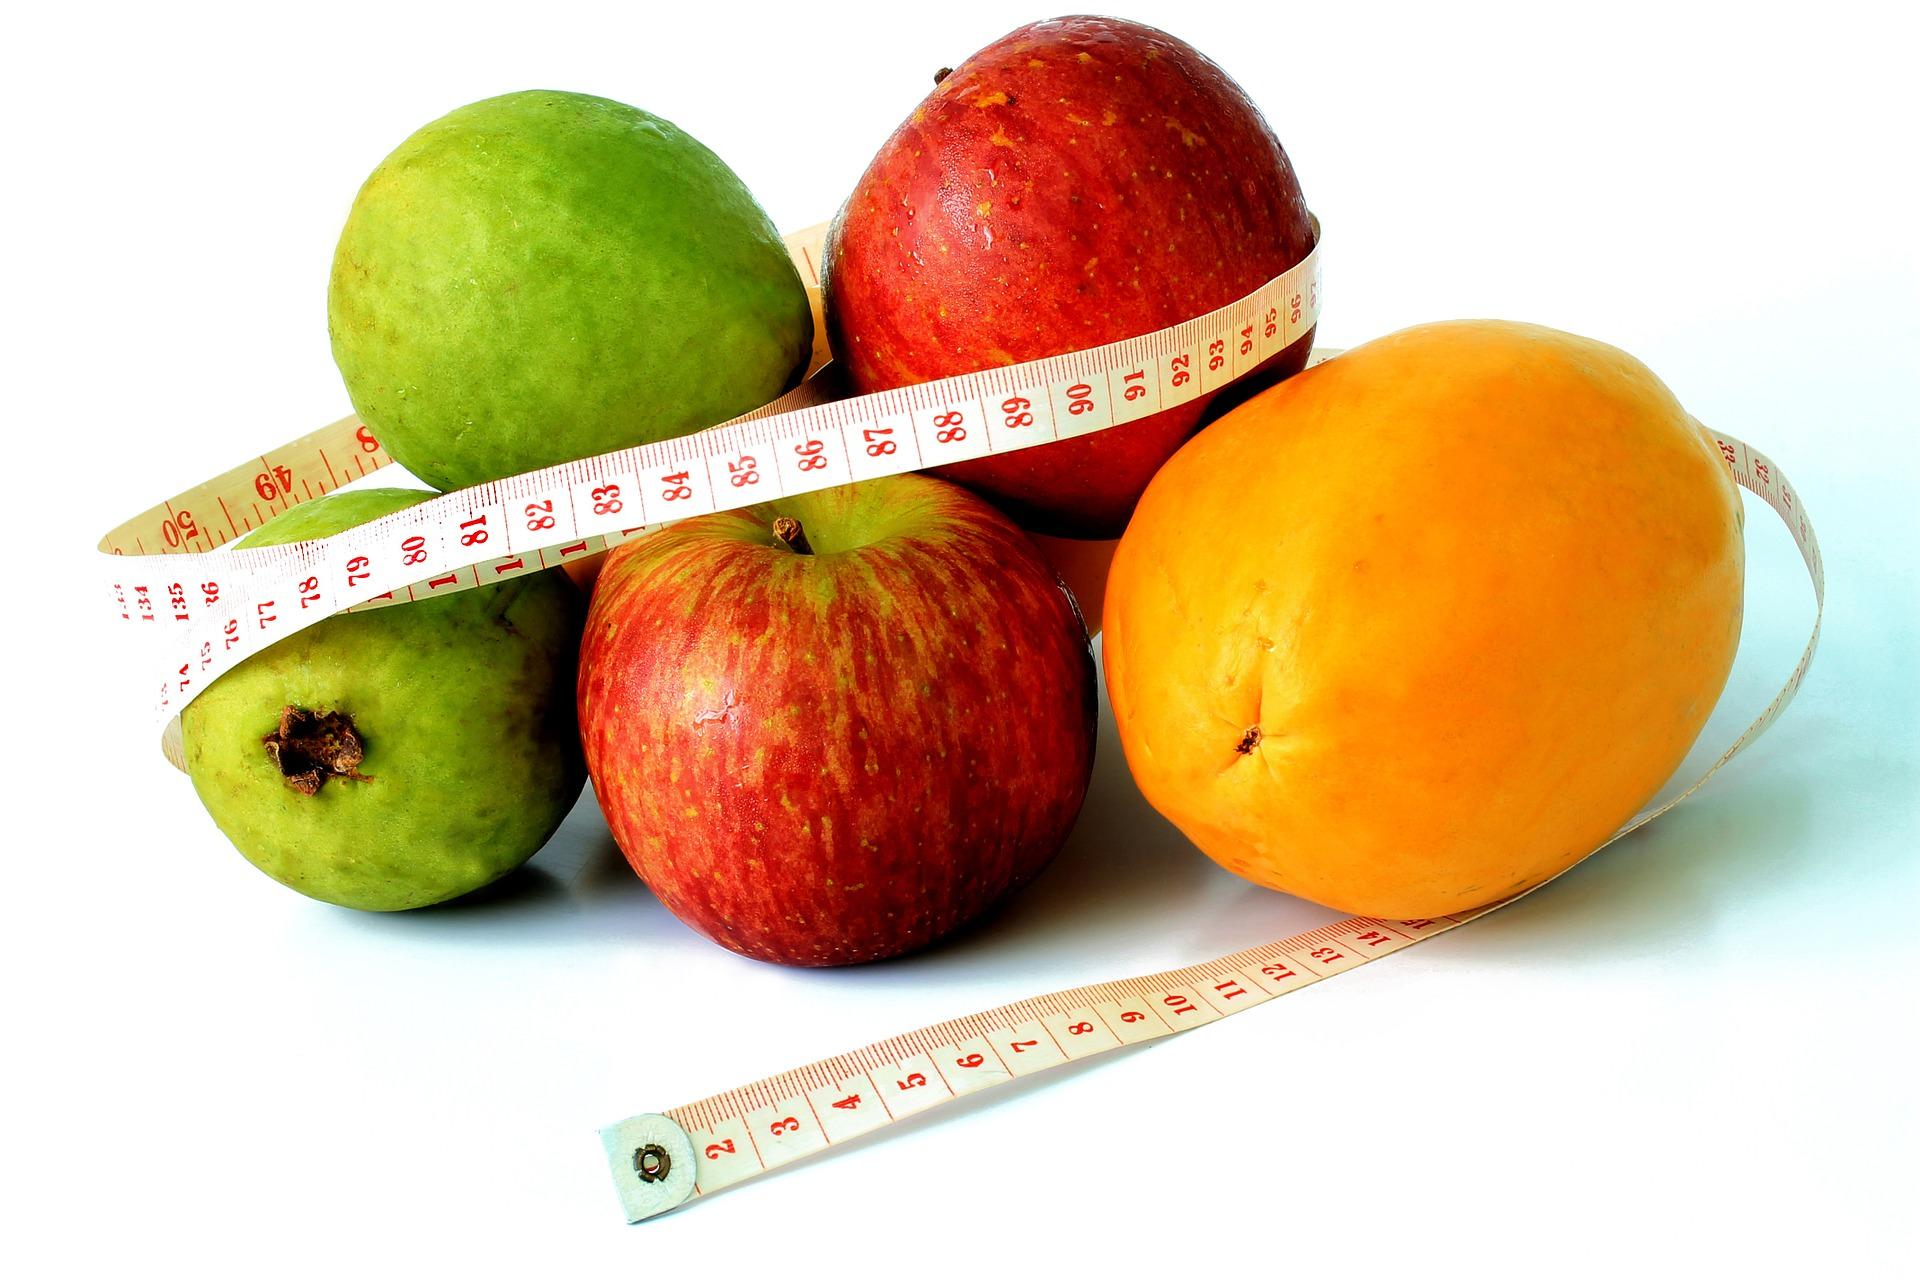 【3ステップ】筋トレ・ダイエットの食事の基本【カロリー計算】イメージ画像